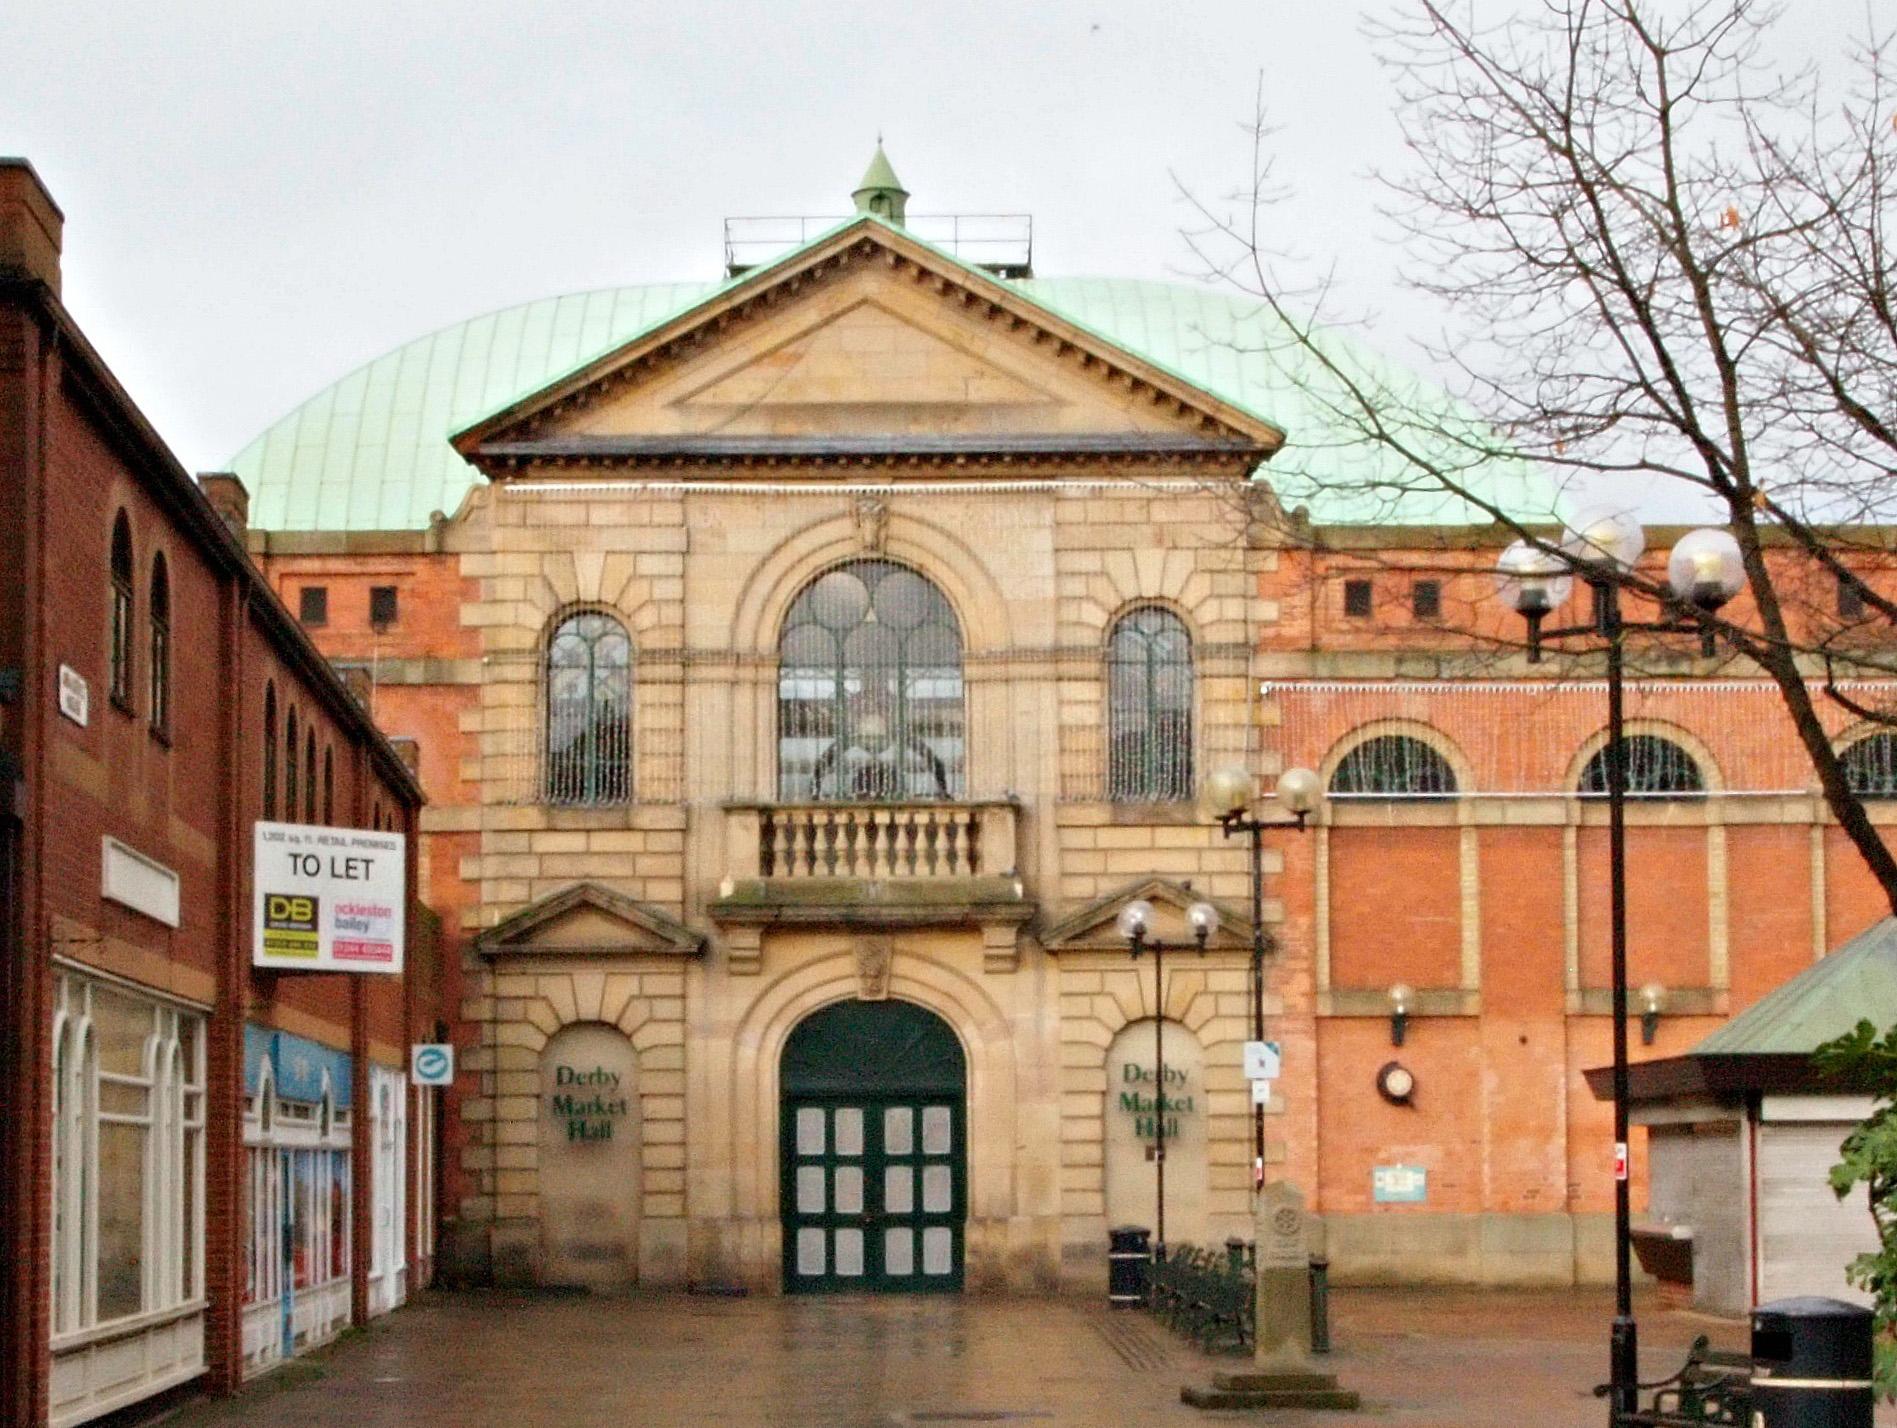 Derby Market Hall by David Hallam Jones via Geograph